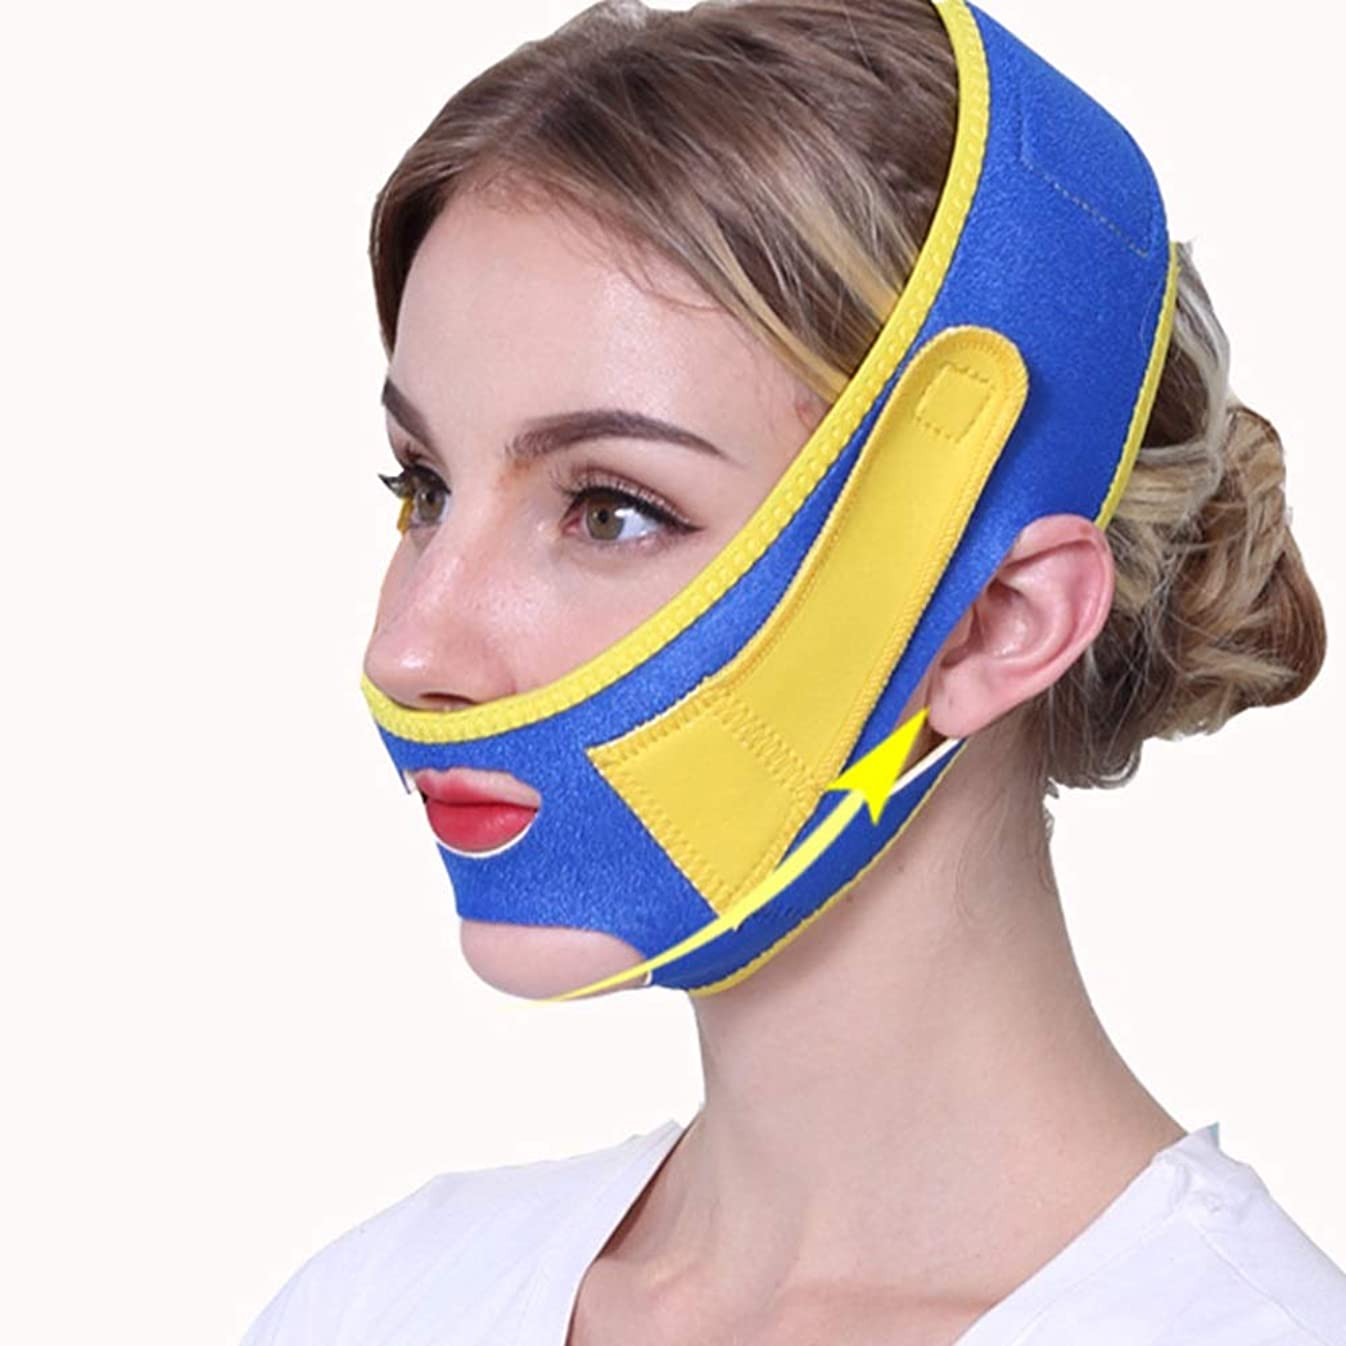 閉じる水曜日補助金BS フェイシャルリフティング痩身ベルトフェイス包帯マスク整形マスクフェイスベルトを引き締める薄型フェイス包帯整形マスクフェイスと首の顔を引き締めスリム フェイスリフティングアーティファクト